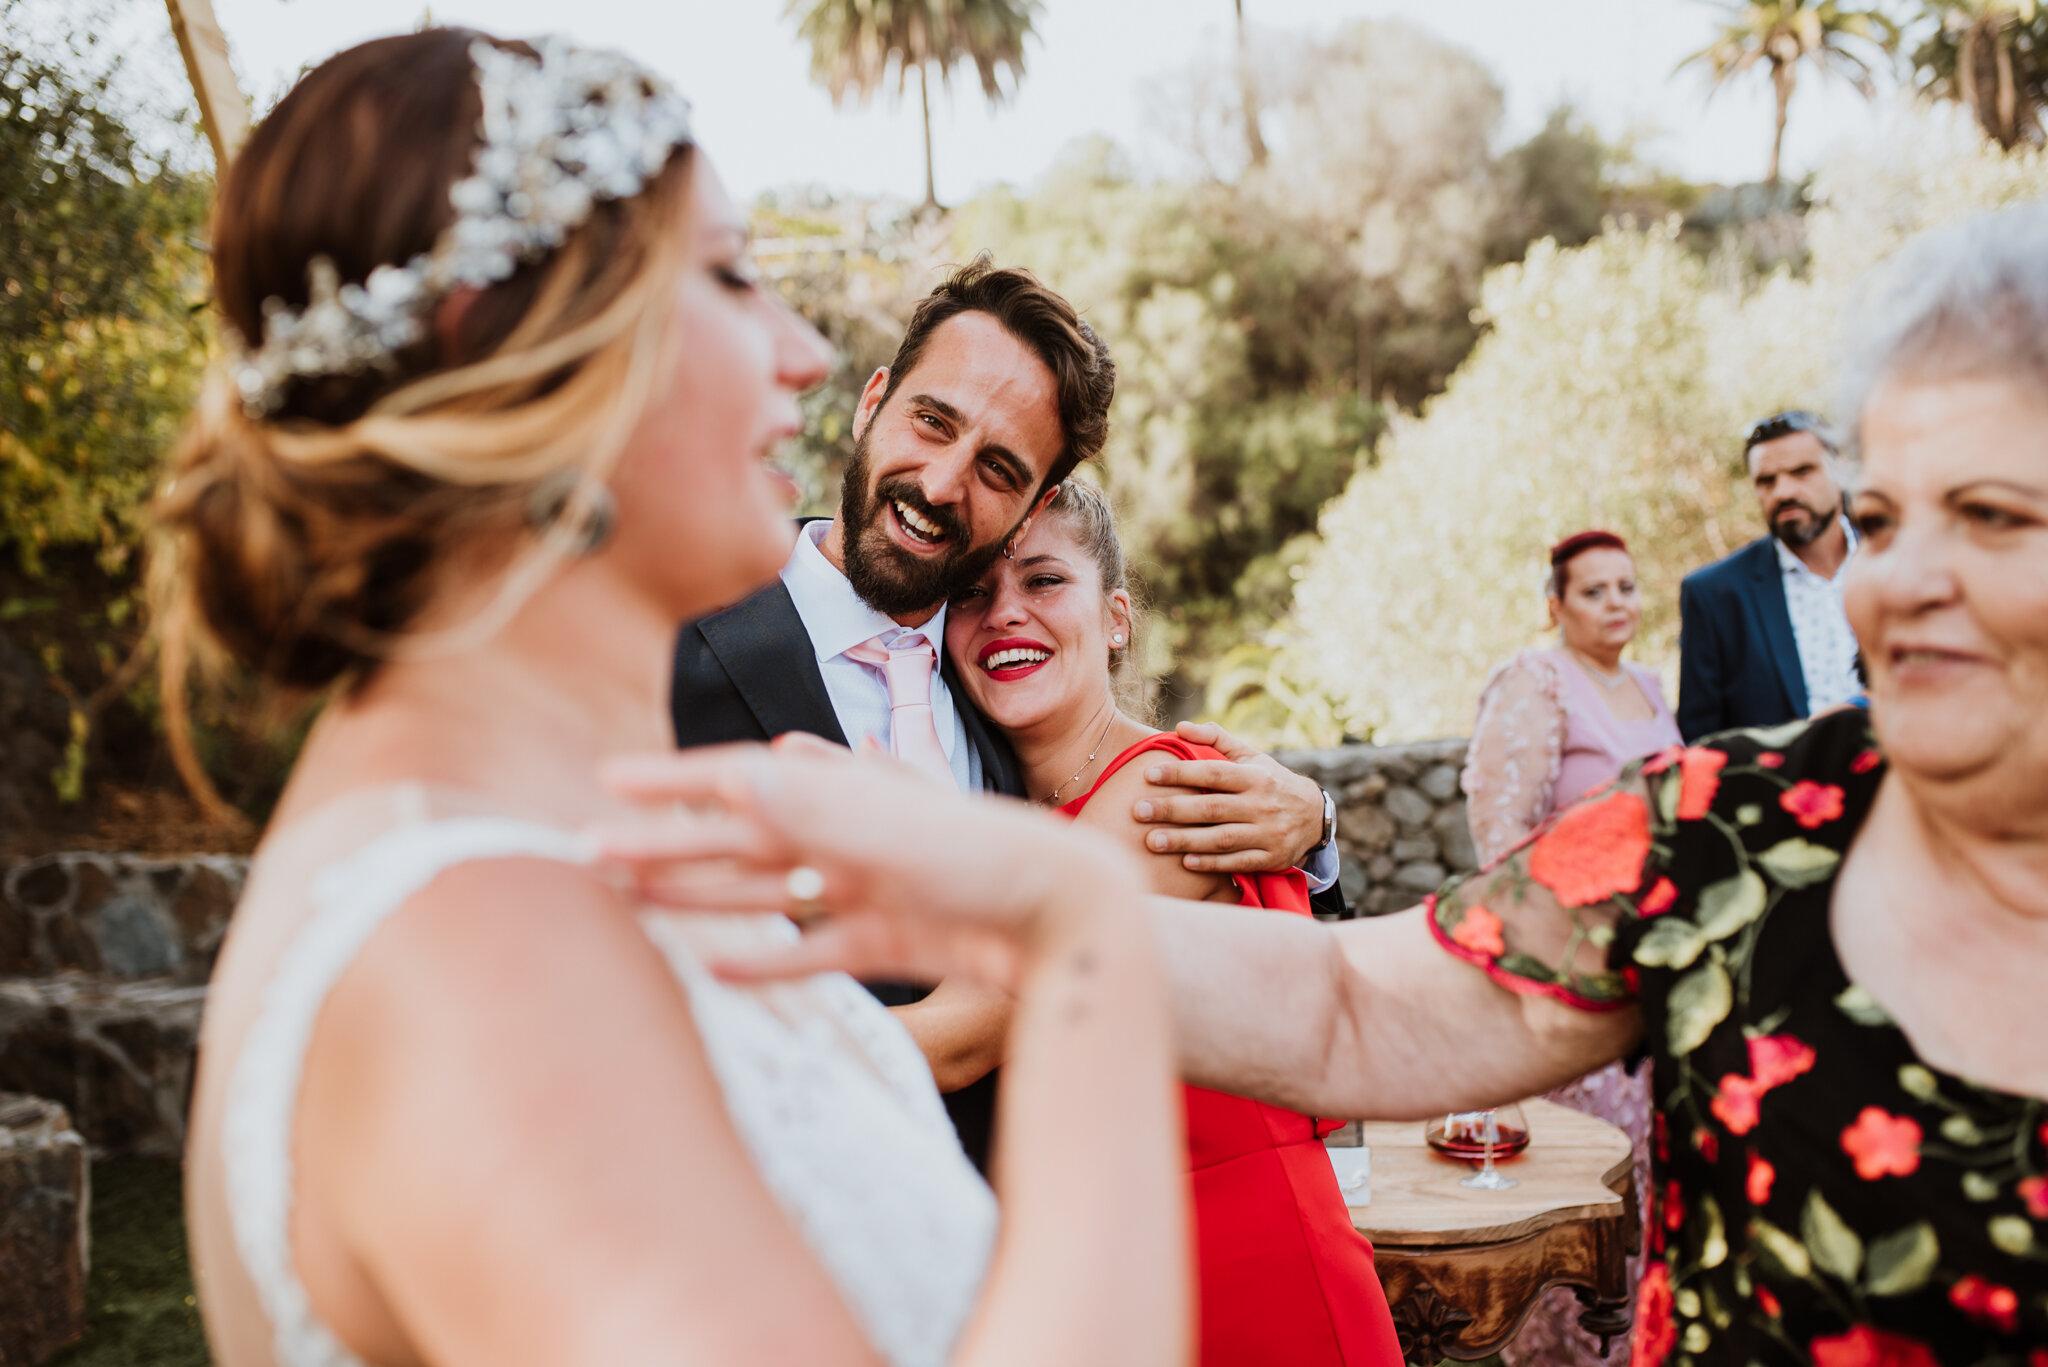 fotografo de bodas las palmas_-92.jpg